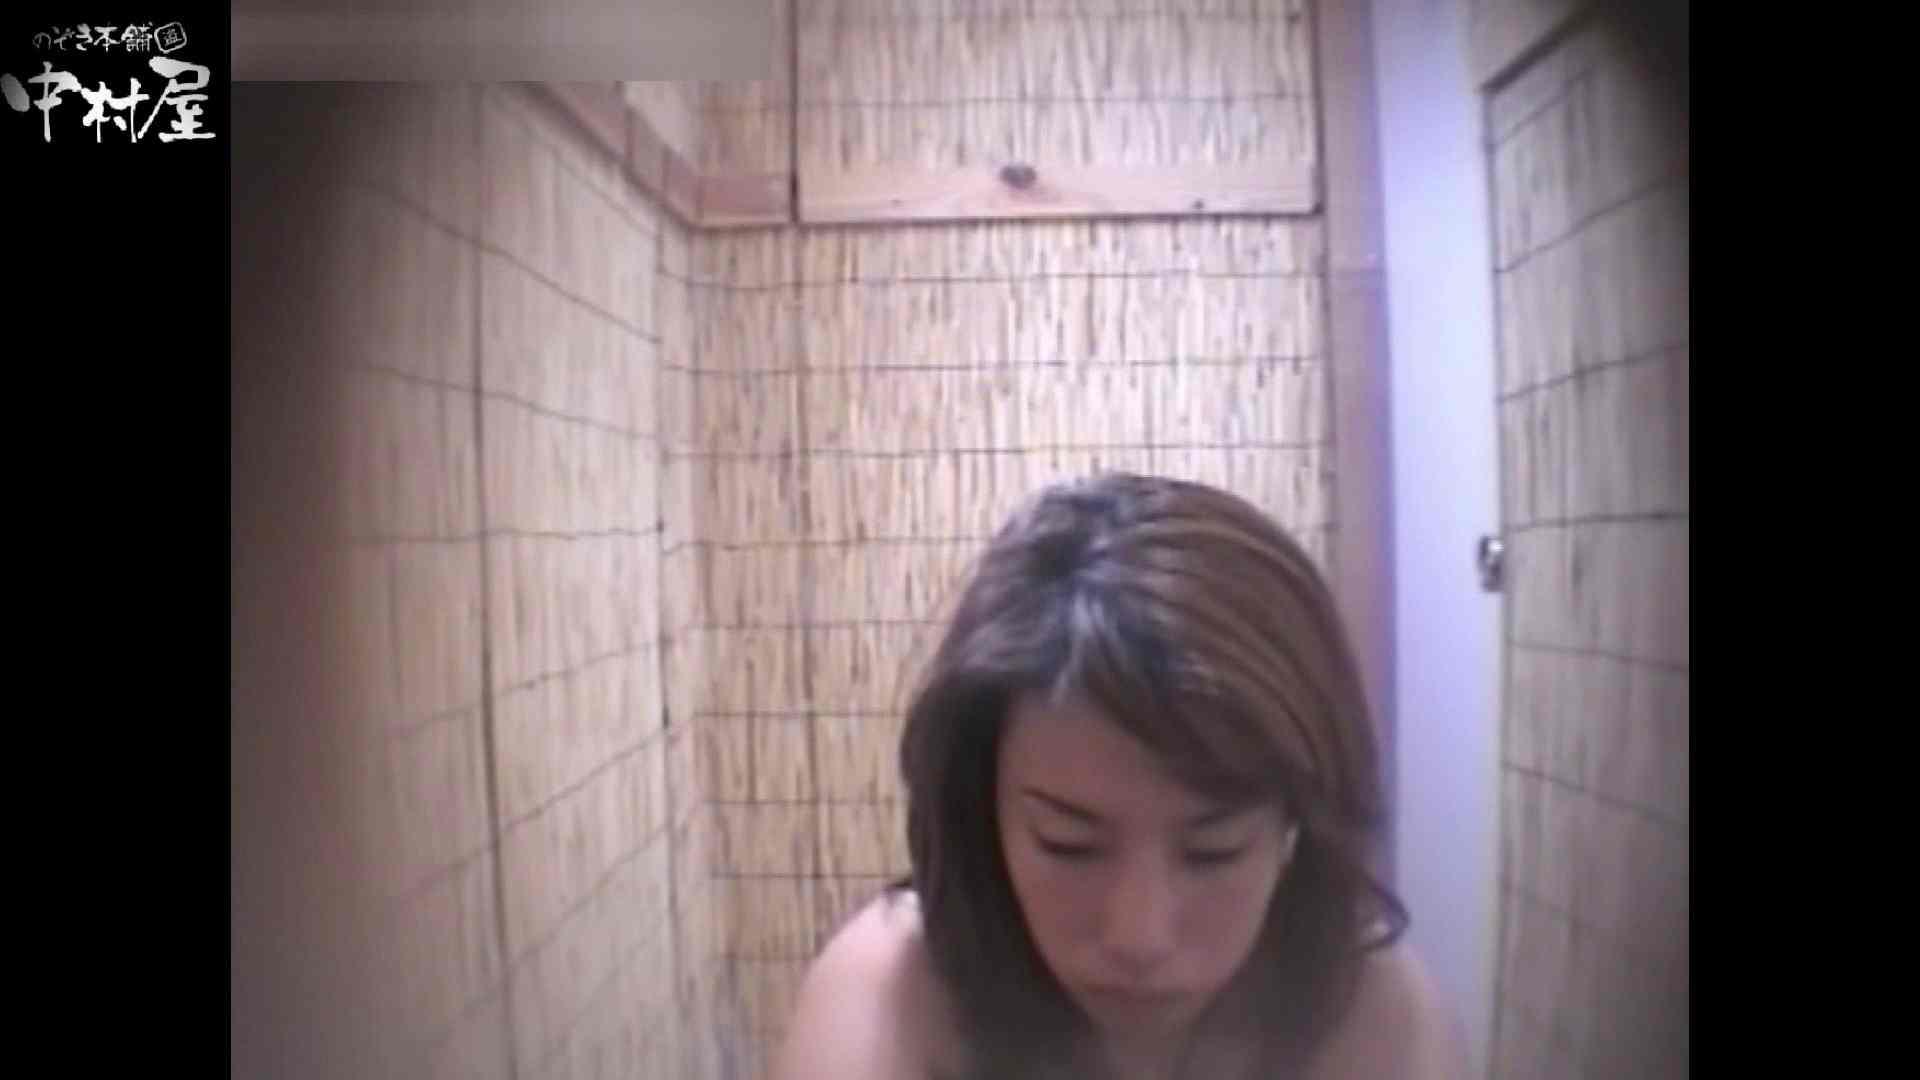 解禁!海の家4カメ洗面所vol.74 OLのエロ生活 オメコ無修正動画無料 32連発 2